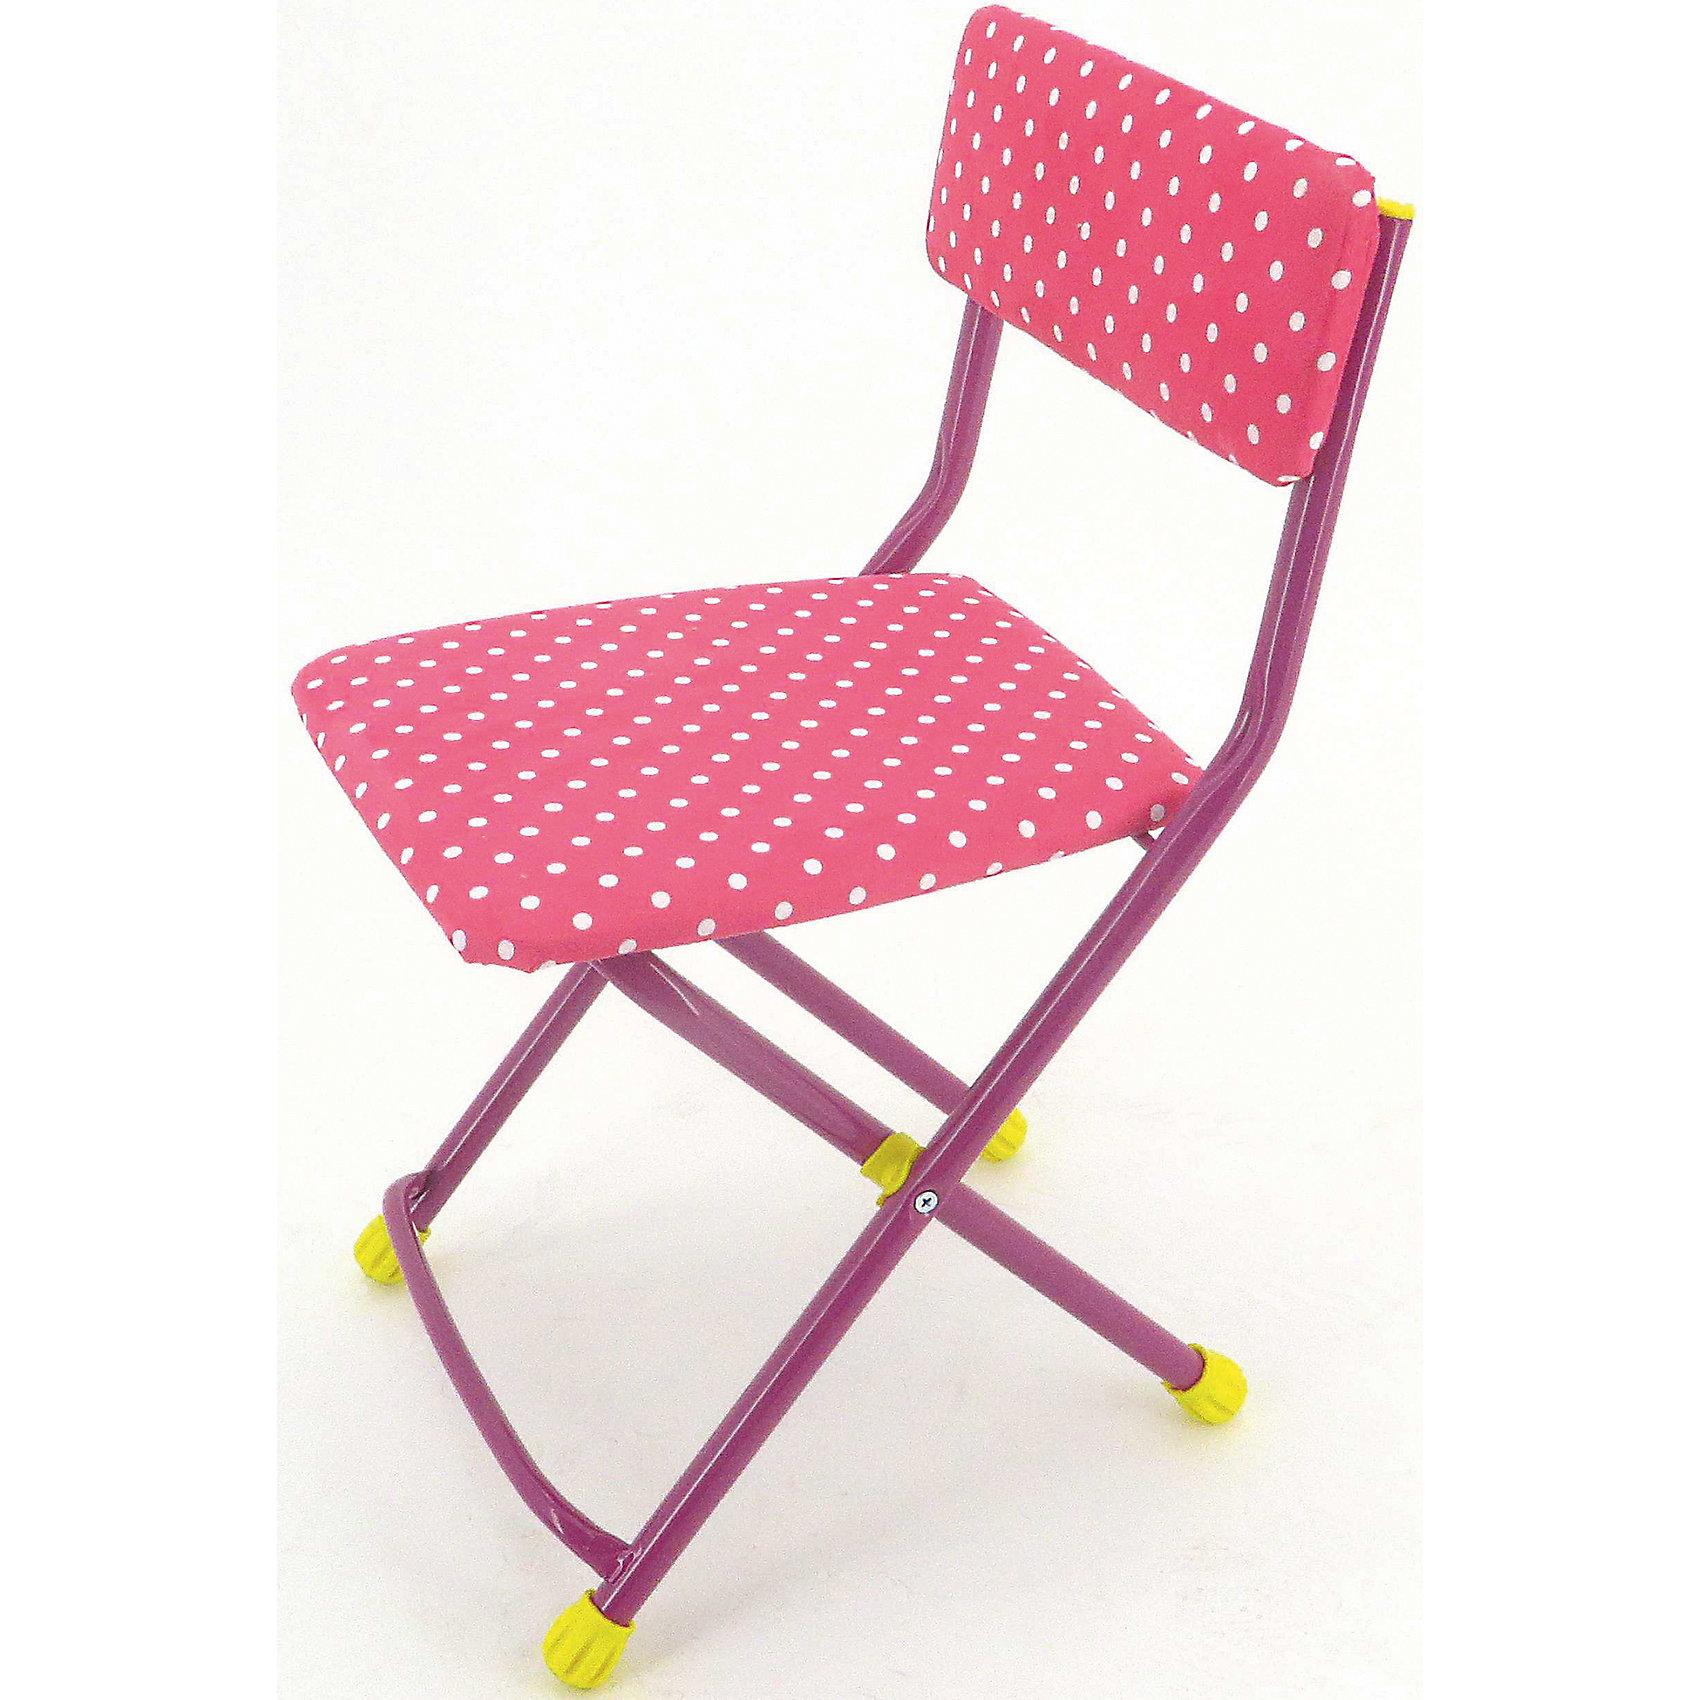 Ника Розовый складной стул Горошек купить фурнитуру для складной двери